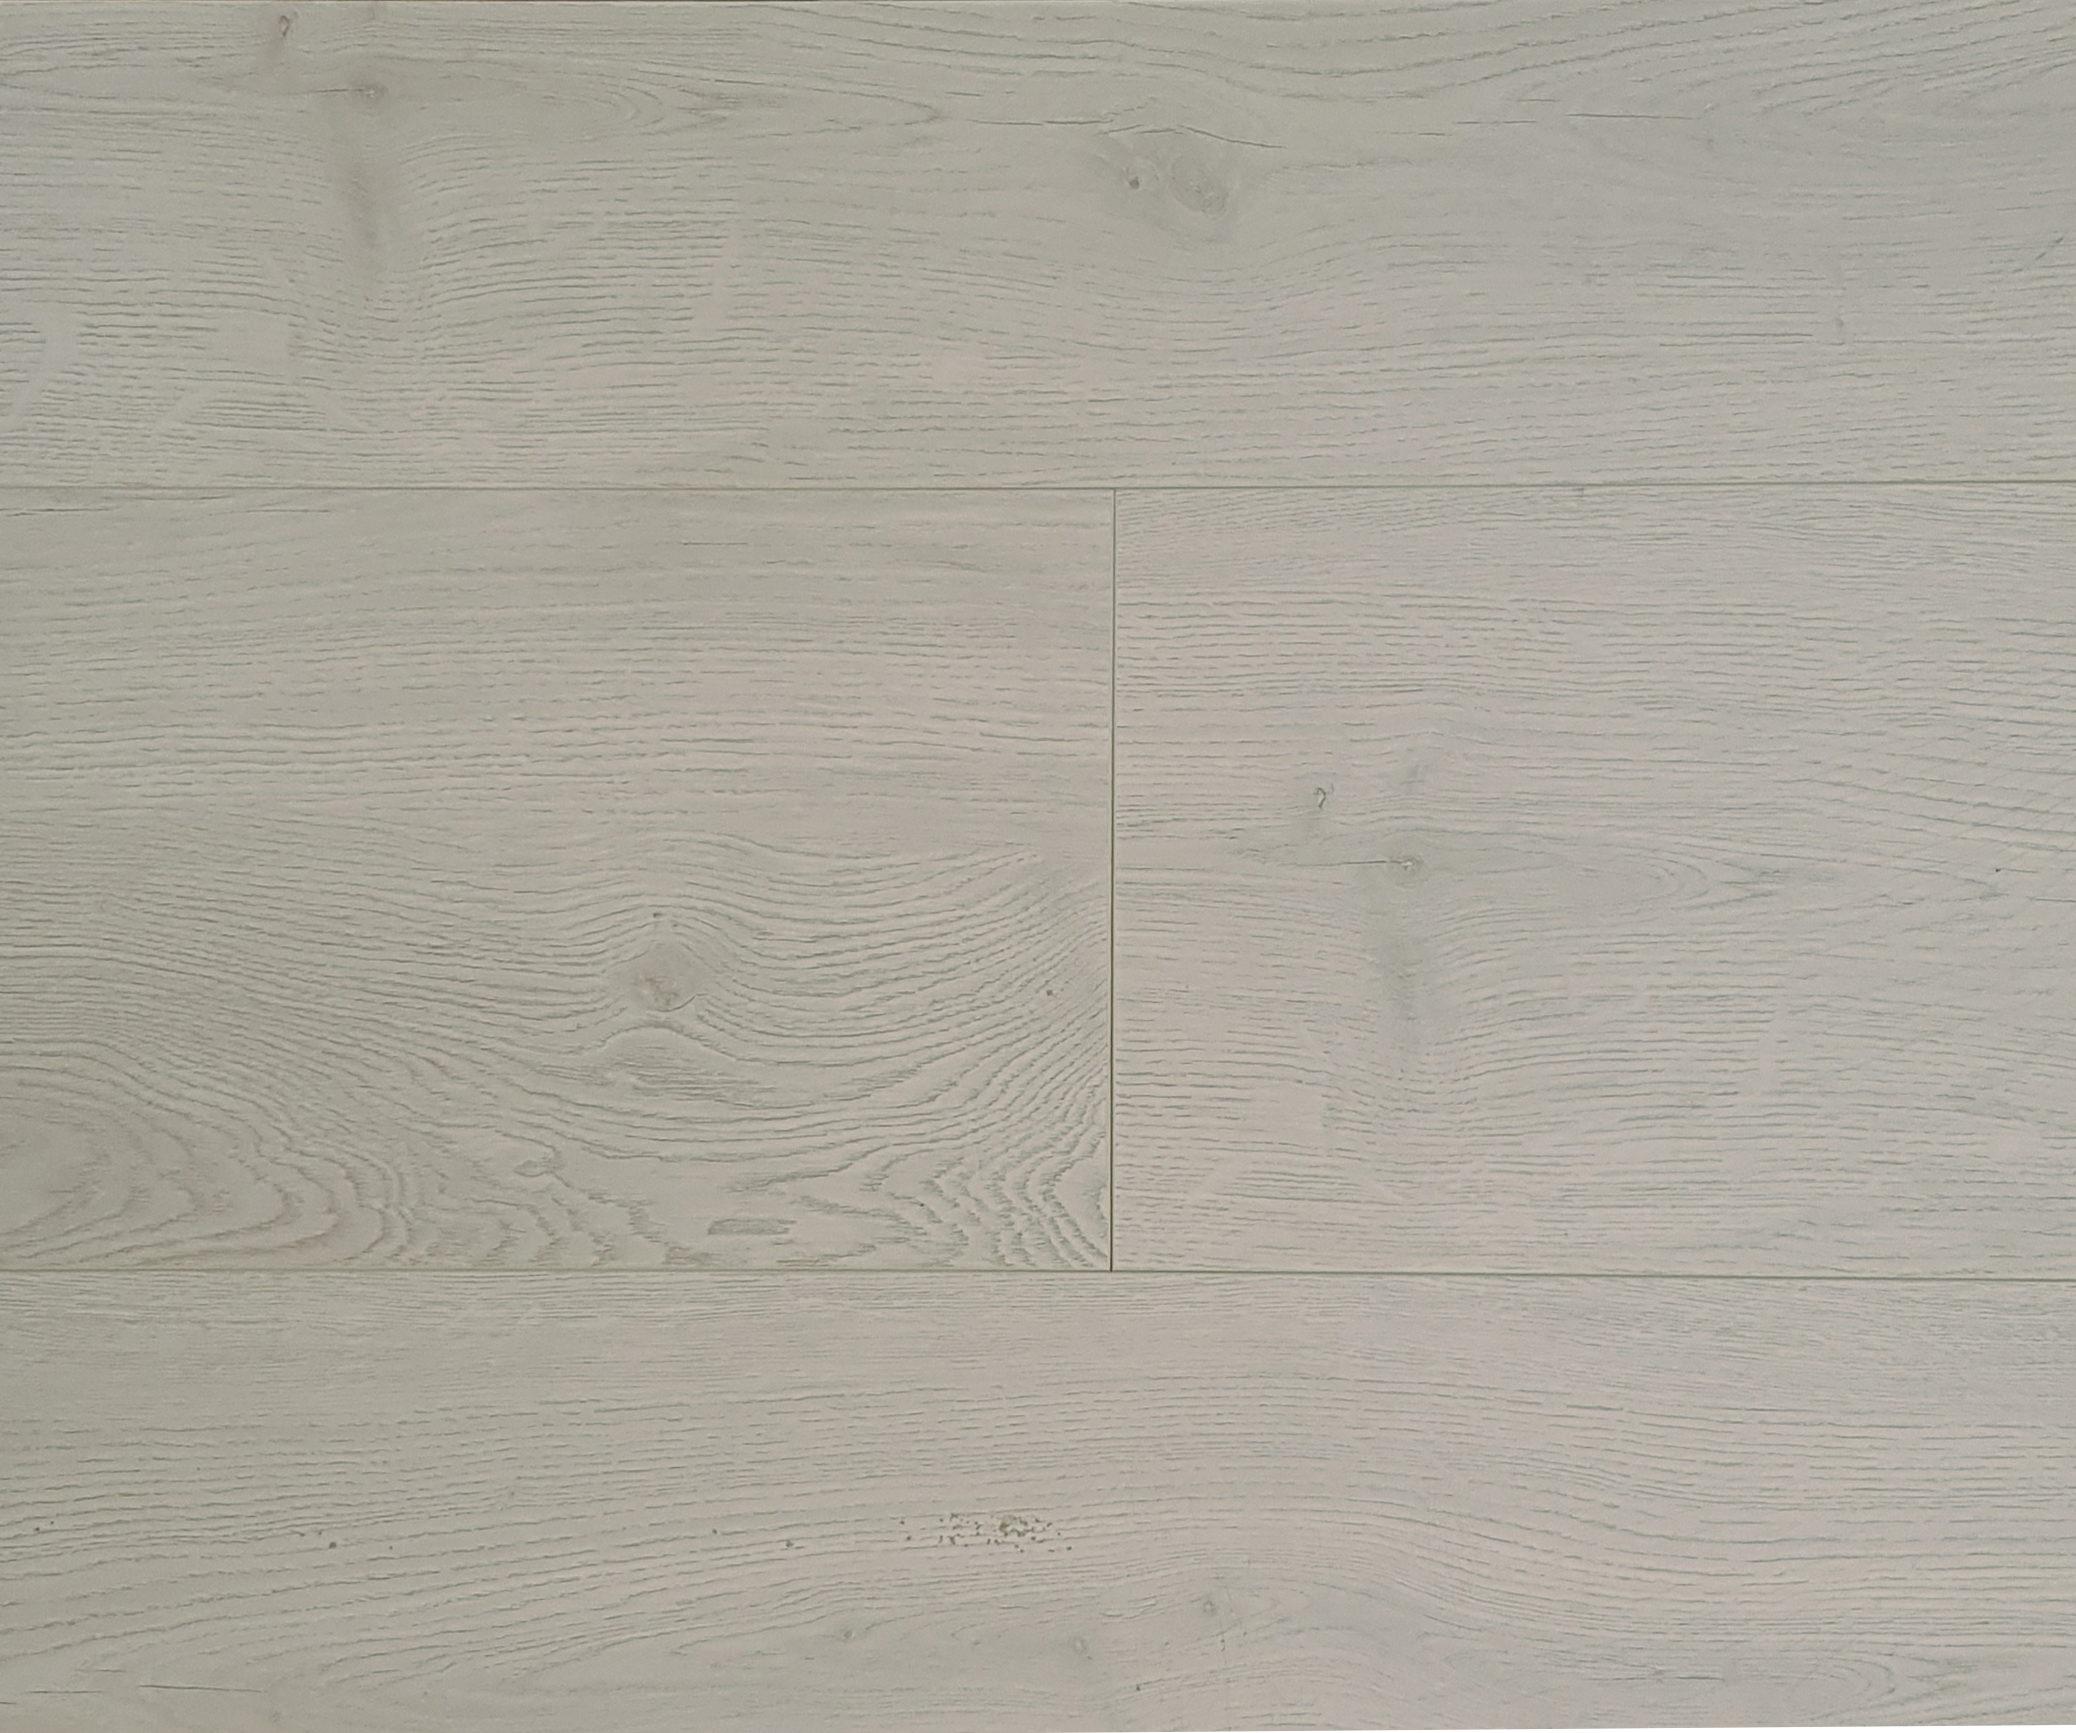 Soft Grey -HDF AC4 Long Board Laminate Flooring